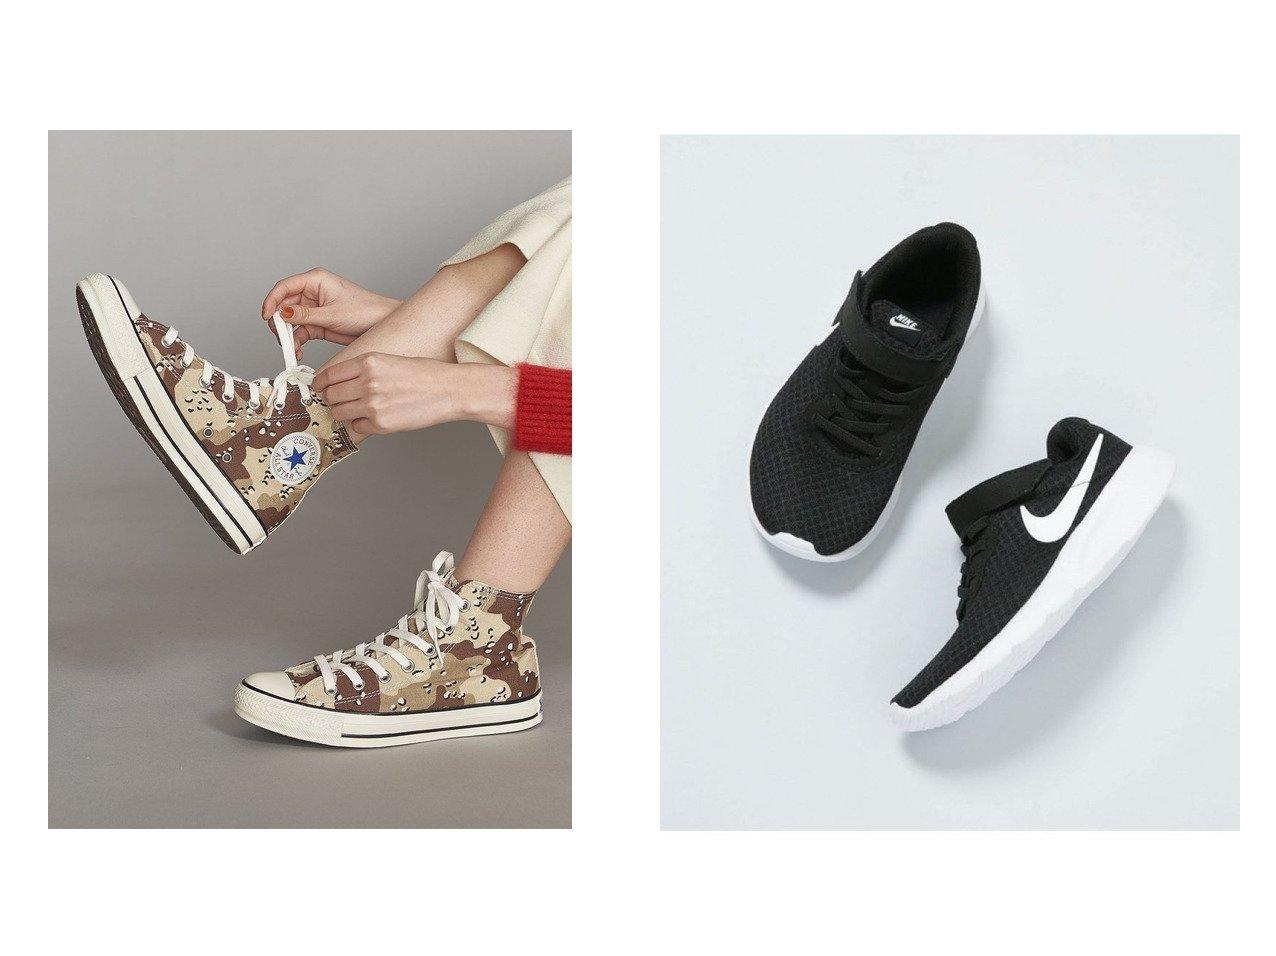 【NIKE/ナイキ】のナイキ タンジュン PSV&【BEAUTY&YOUTH UNITED ARROWS/ビューティアンド ユースユナイテッドアローズ】のCONVERSE(コンバース)スニーカー シューズ・靴のおすすめ!人気、トレンド・レディースファッションの通販 おすすめで人気の流行・トレンド、ファッションの通販商品 メンズファッション・キッズファッション・インテリア・家具・レディースファッション・服の通販 founy(ファニー) https://founy.com/ ファッション Fashion レディースファッション WOMEN クッション シューズ スニーカー スポーツ スリッポン フィット フォーム リボン キャンバス クラシック 定番 Standard パッチ フォルム NEW・新作・新着・新入荷 New Arrivals |ID:crp329100000011799